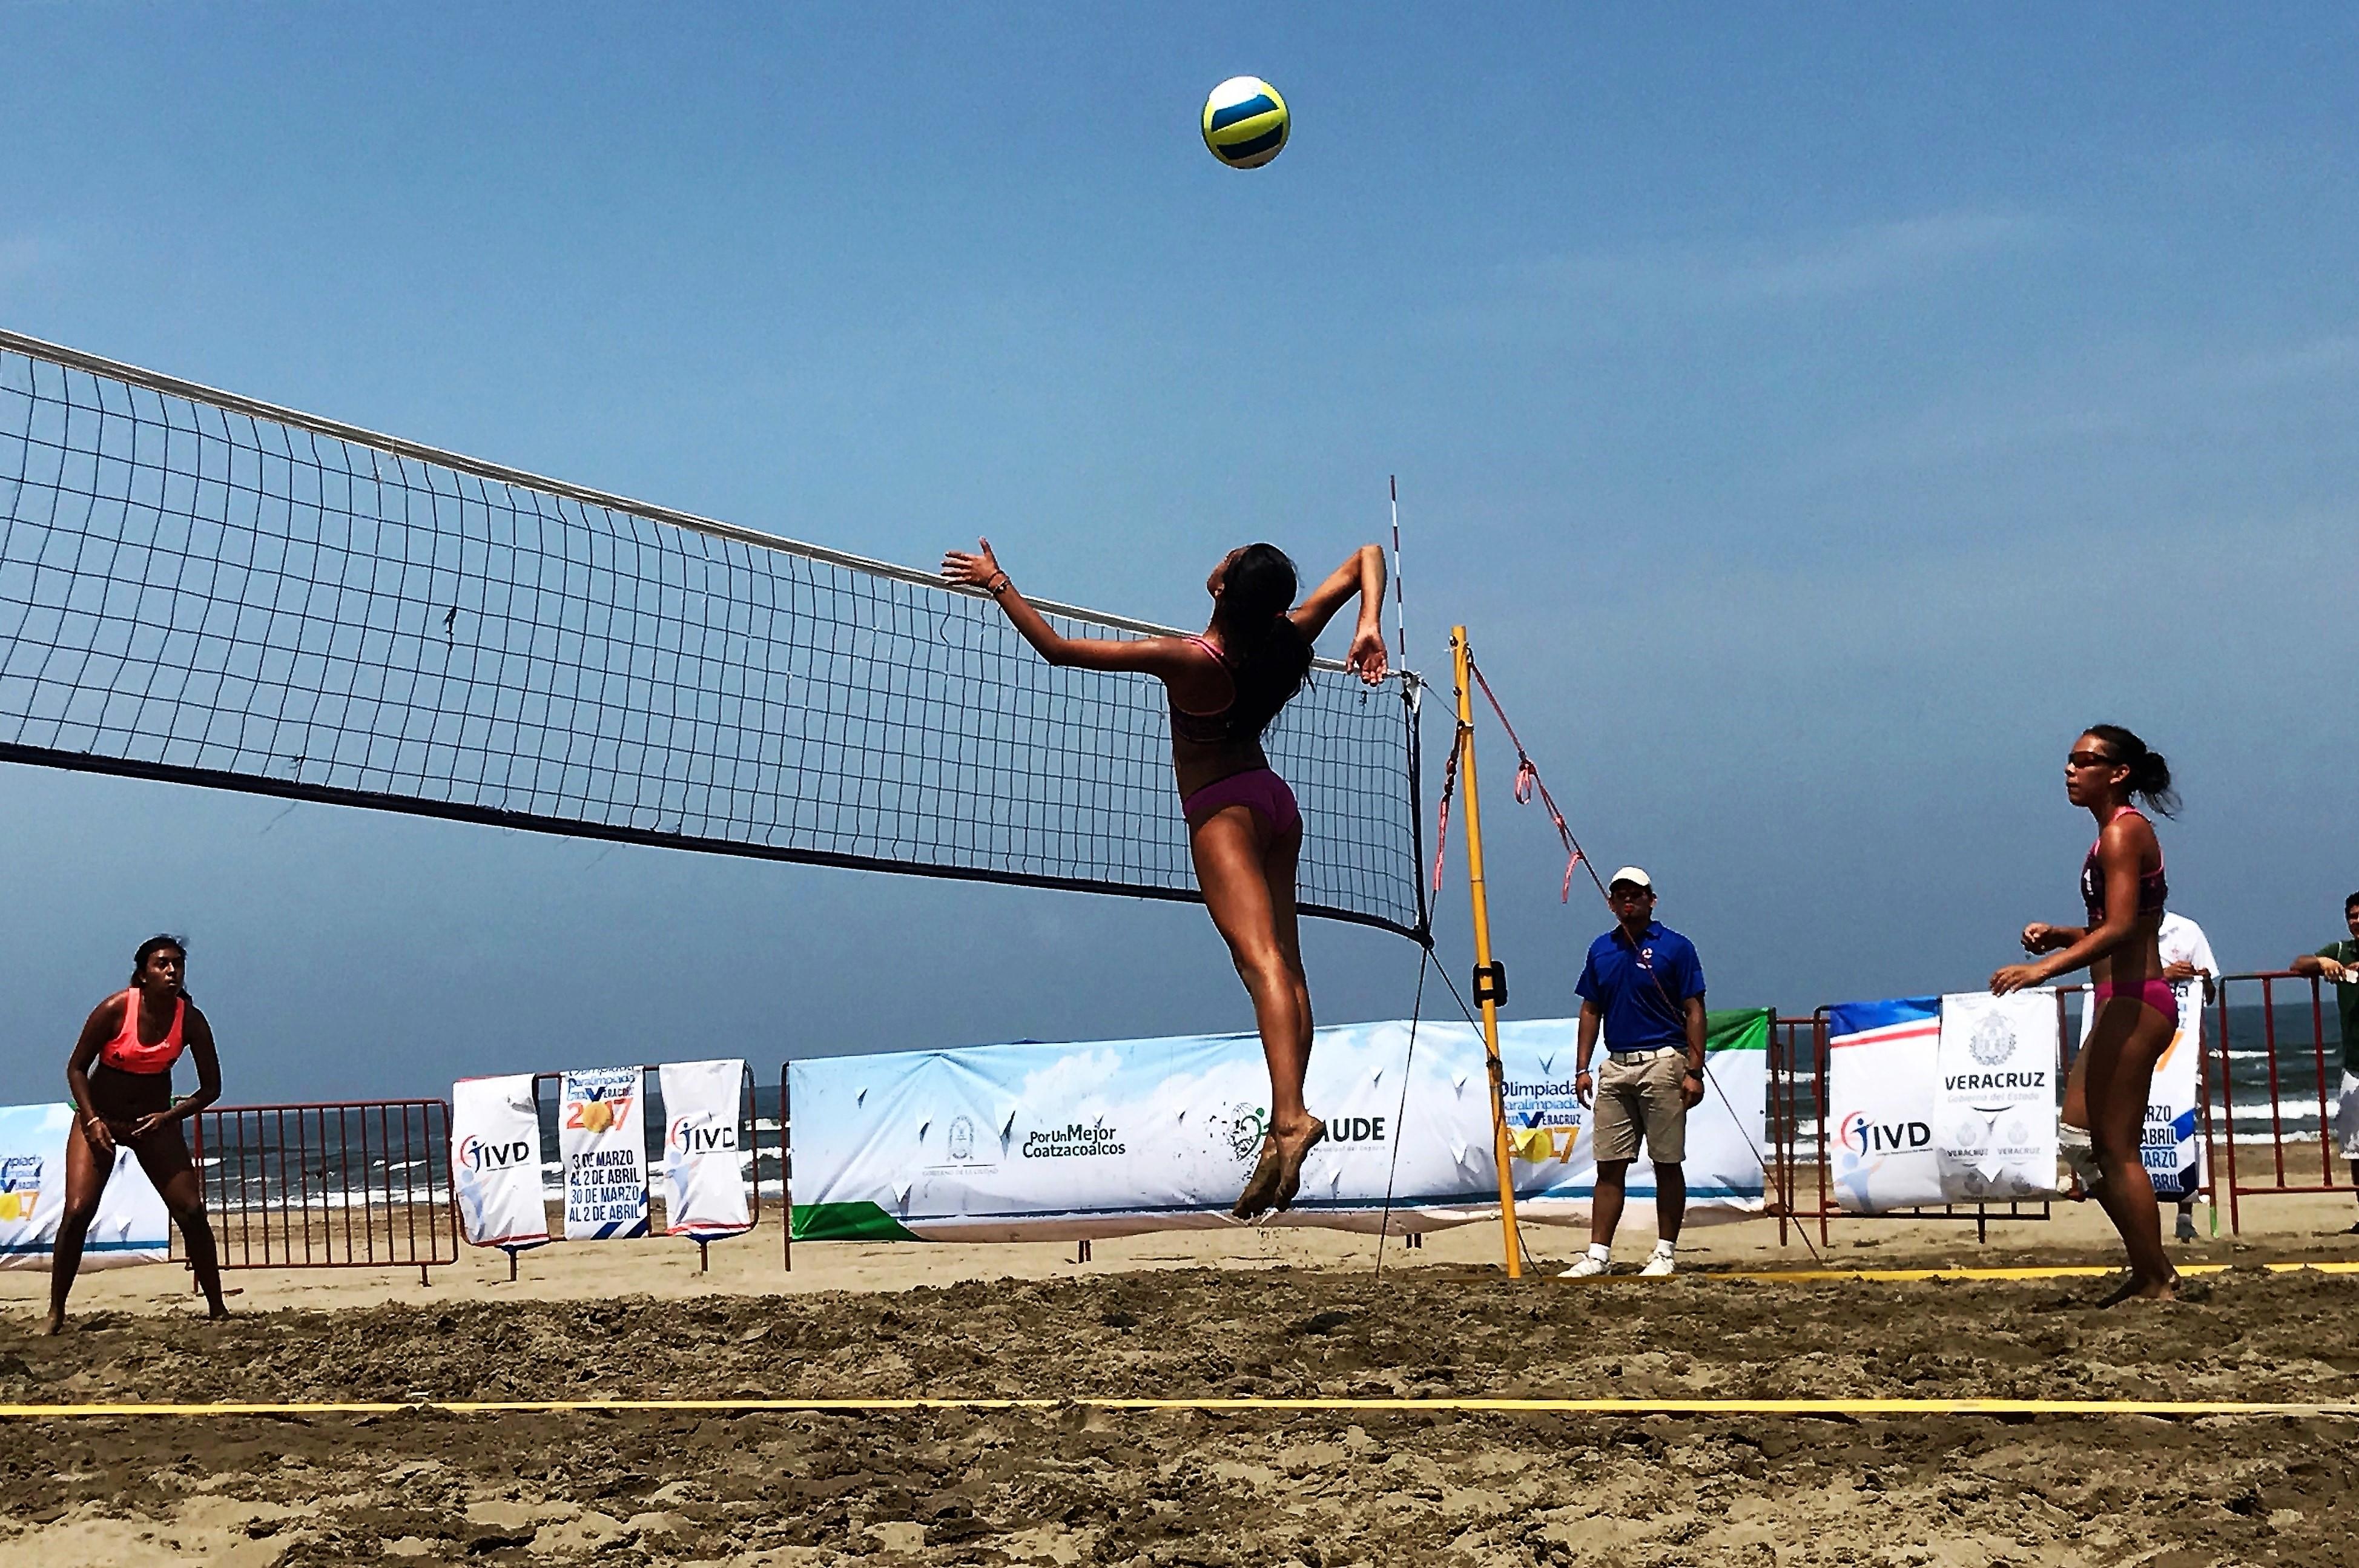 Confirman Boca del Río para fecha delTour Mexicano Voleibol de Playa